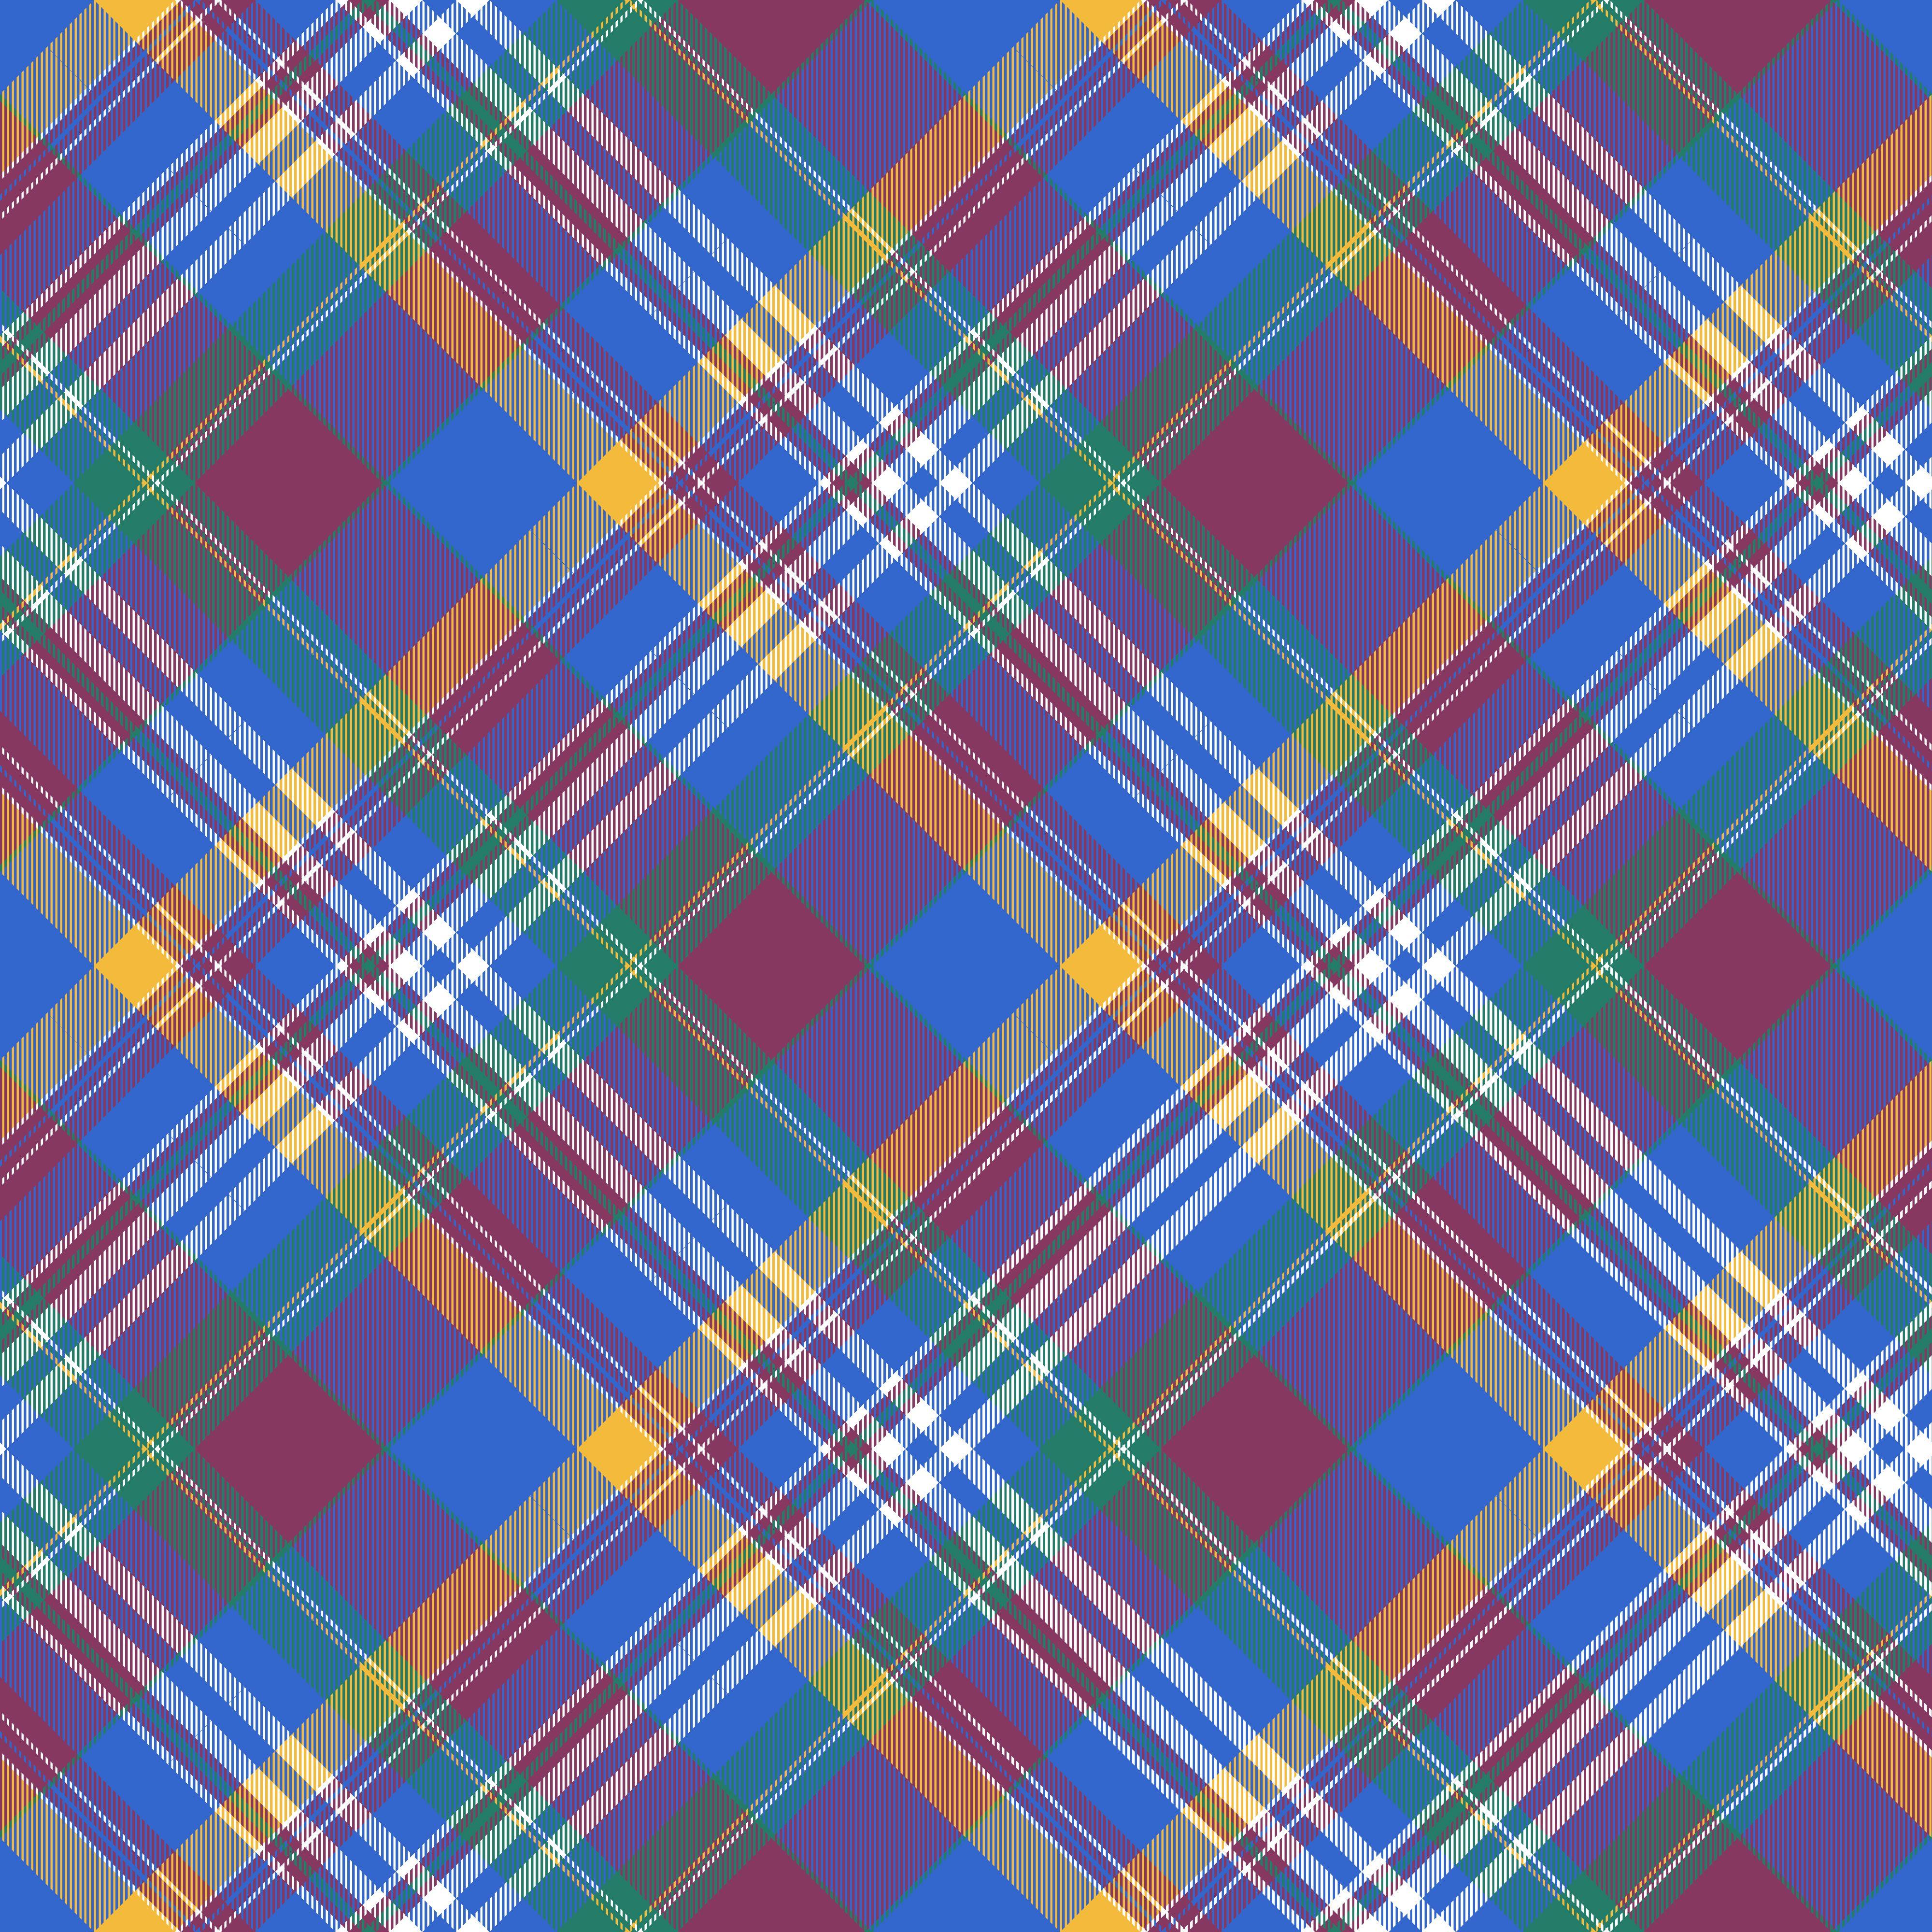 Tartan plaid wallpaper patterns. Scottish tartan plaid kilts. Scrapbooking  paper patterns backgrounds. Fabric b5ce6d3d3